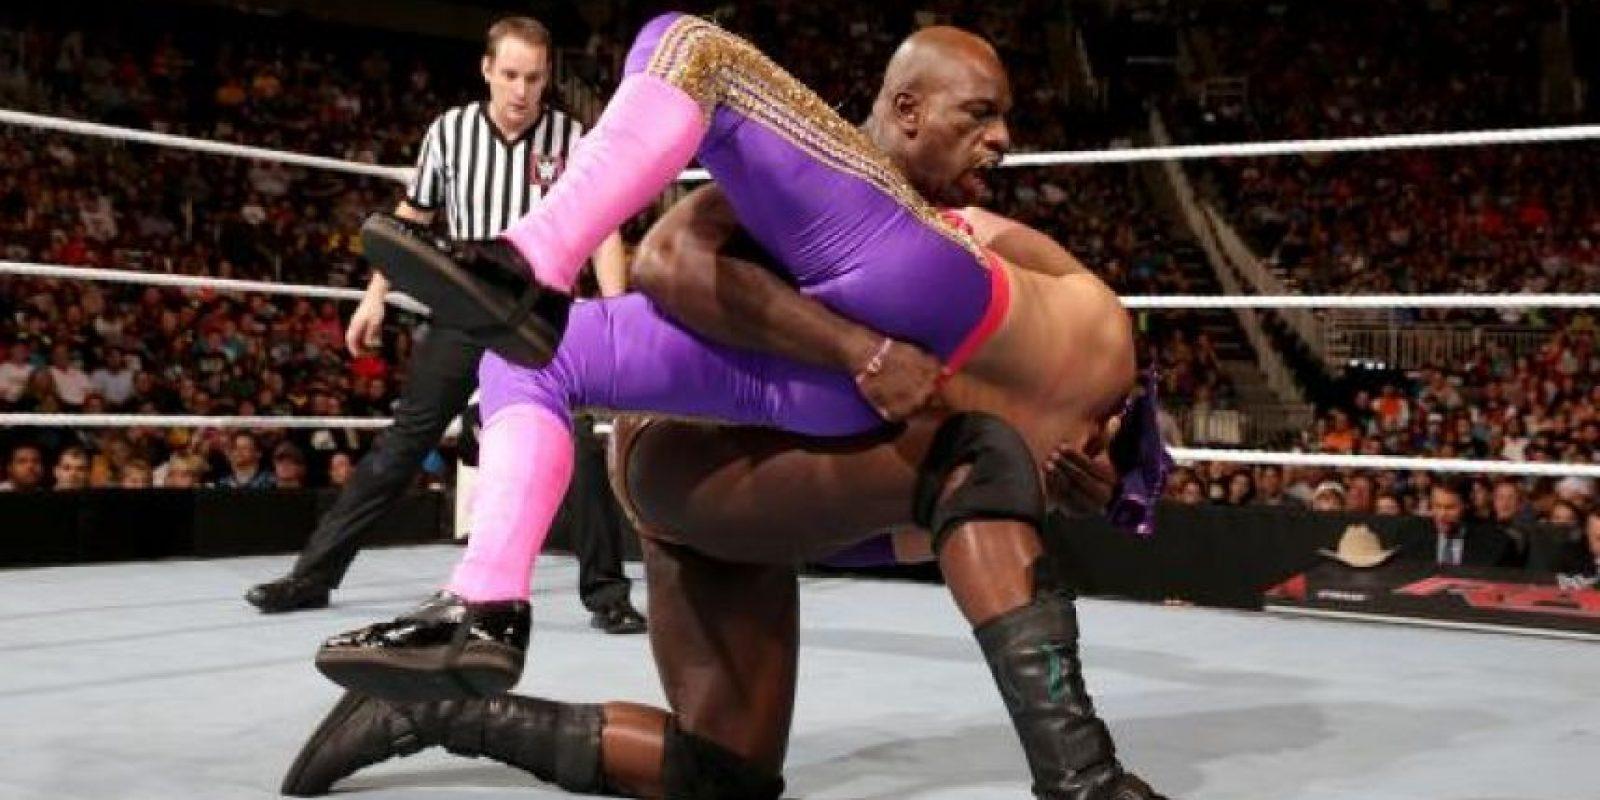 Pertenece a la WWE desde 2009 Foto:WWE